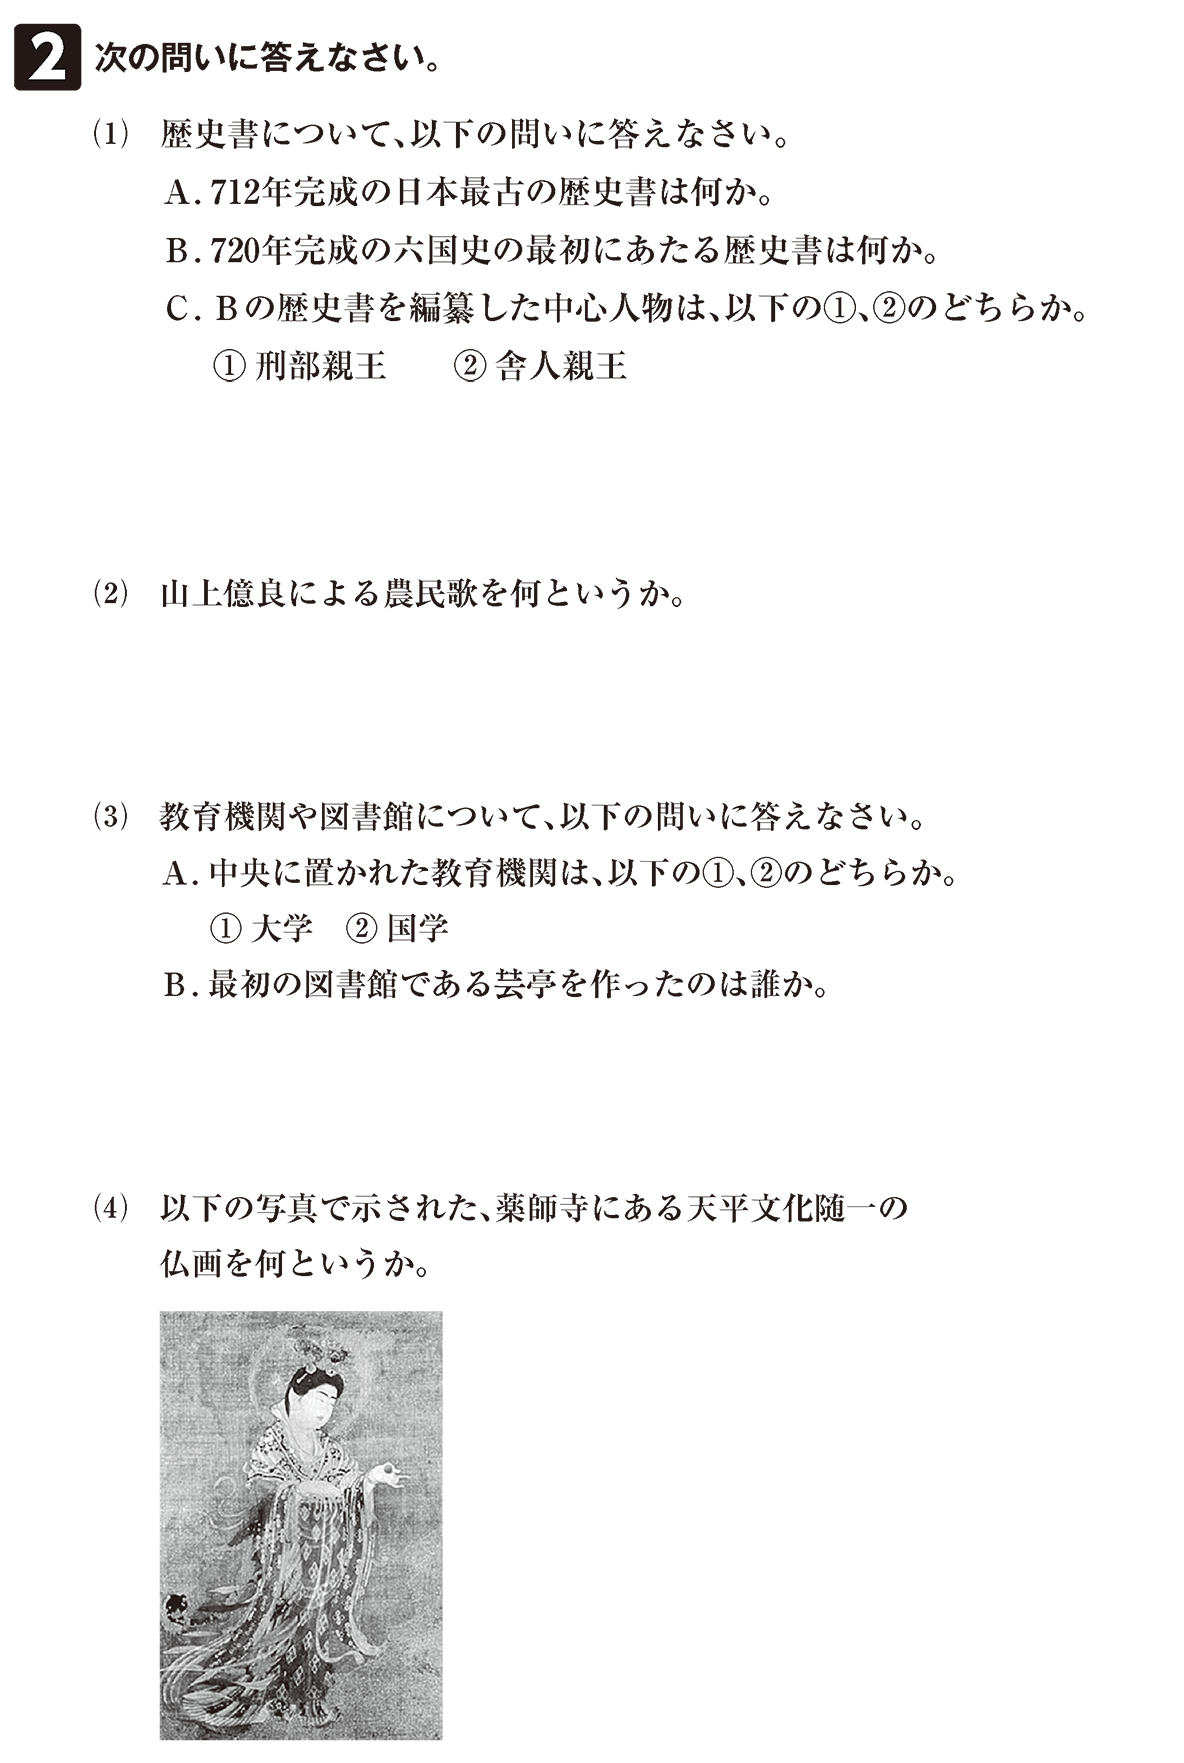 原始・古代文化12 問題2 問題